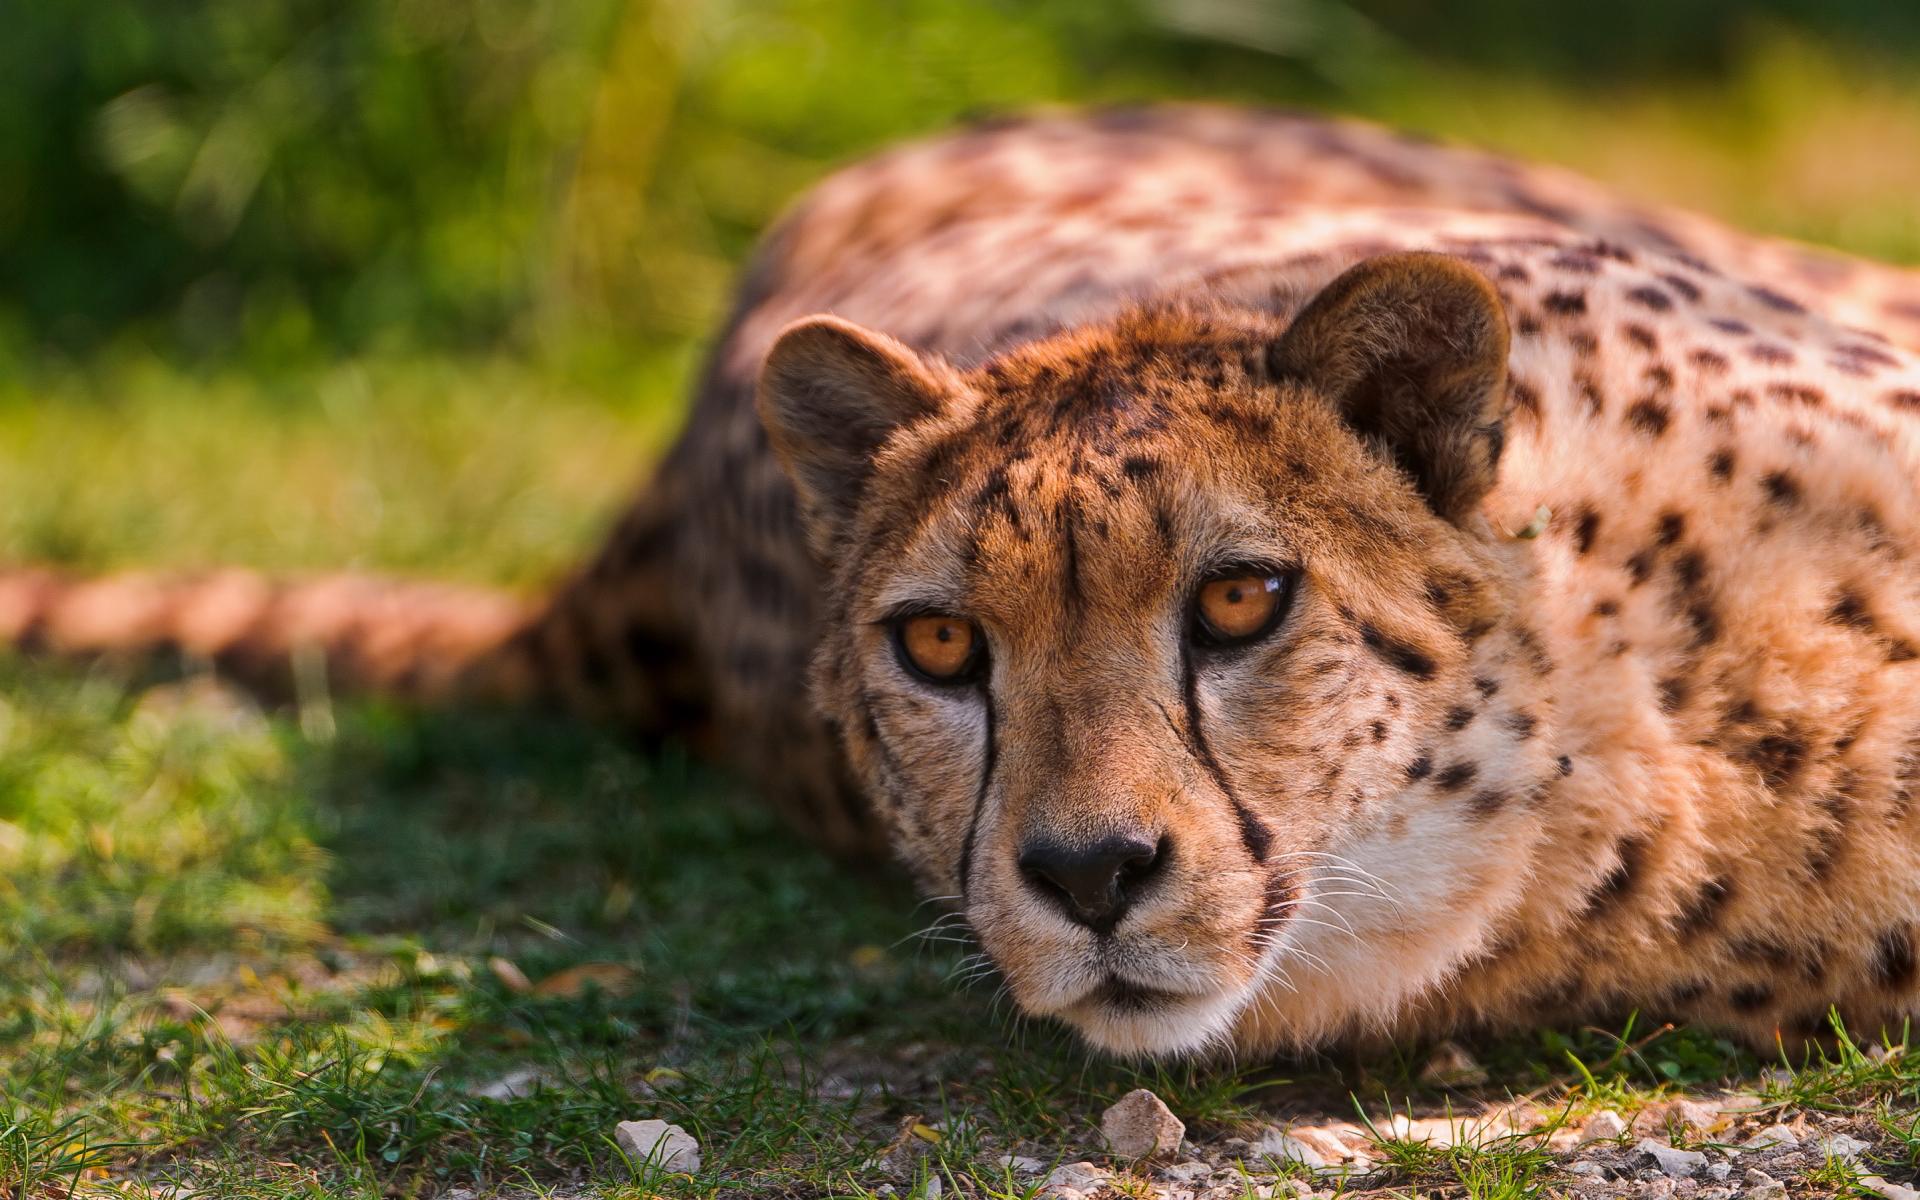 cheetah beautiful eyes